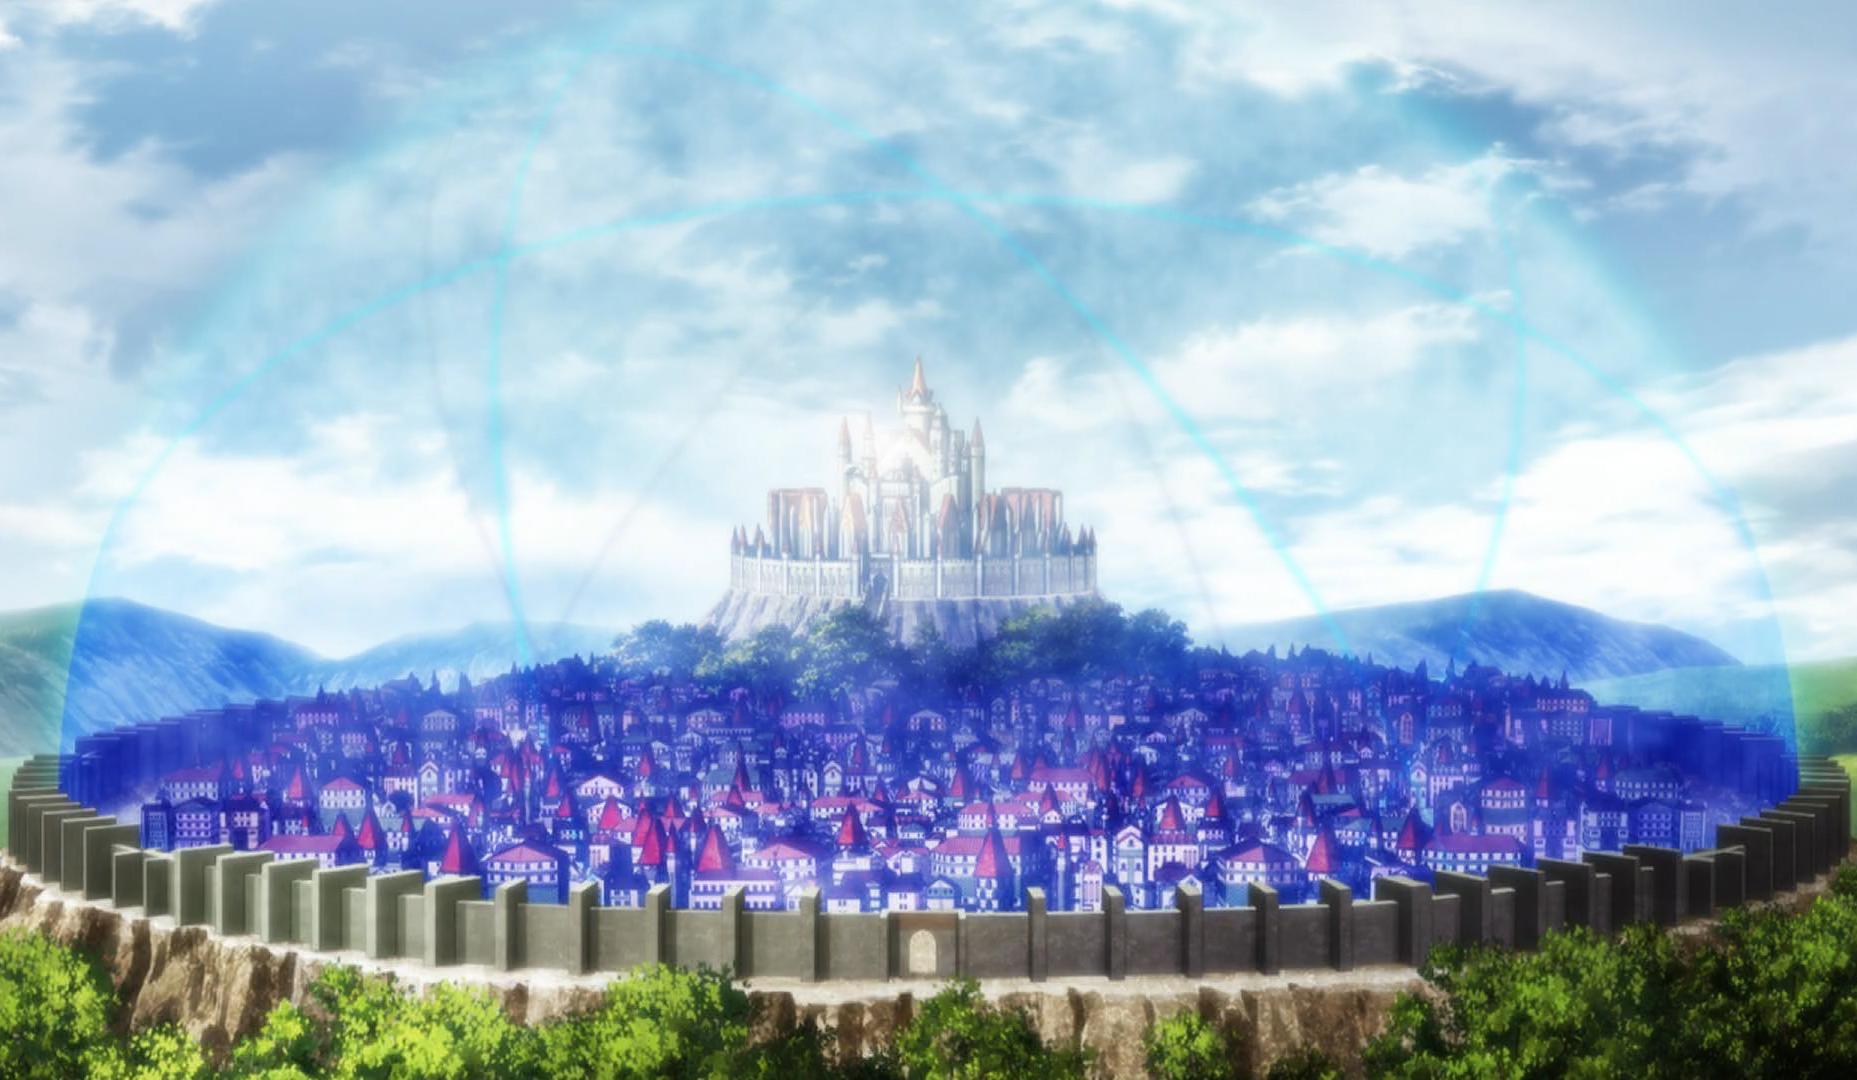 The Clover Kingdom to confront The Spade Kingdom